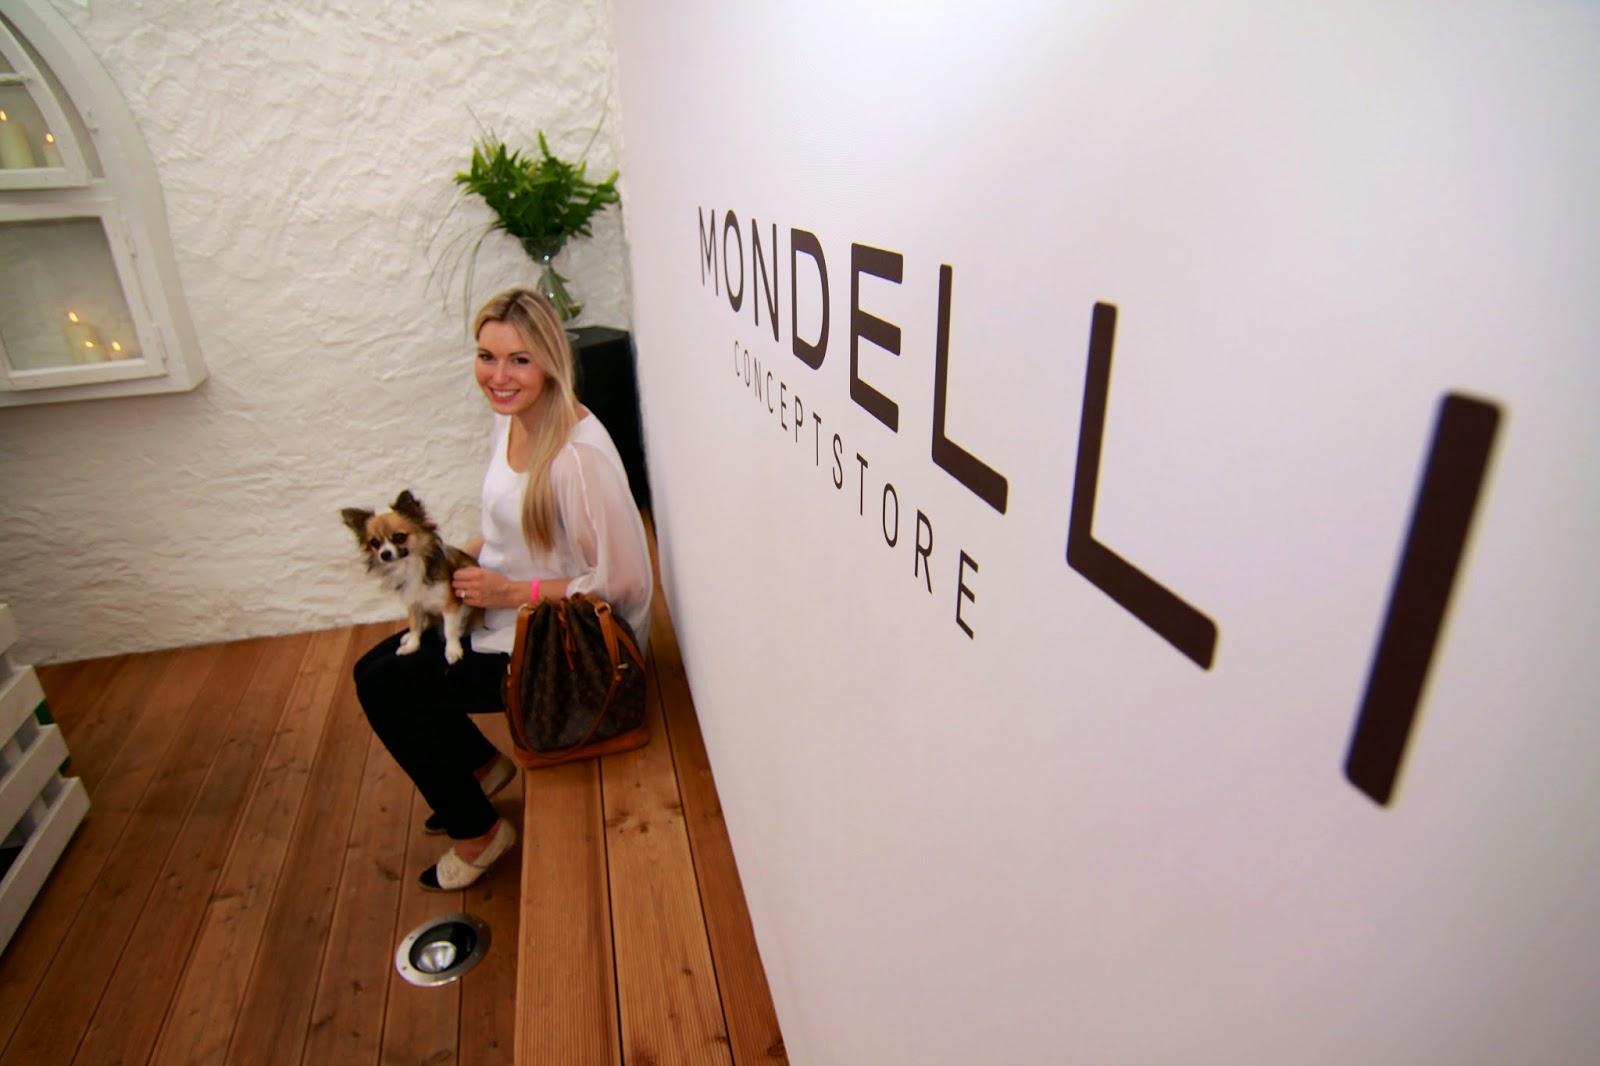 Pazi und Anton im Mondelli Concept Store Würzburg